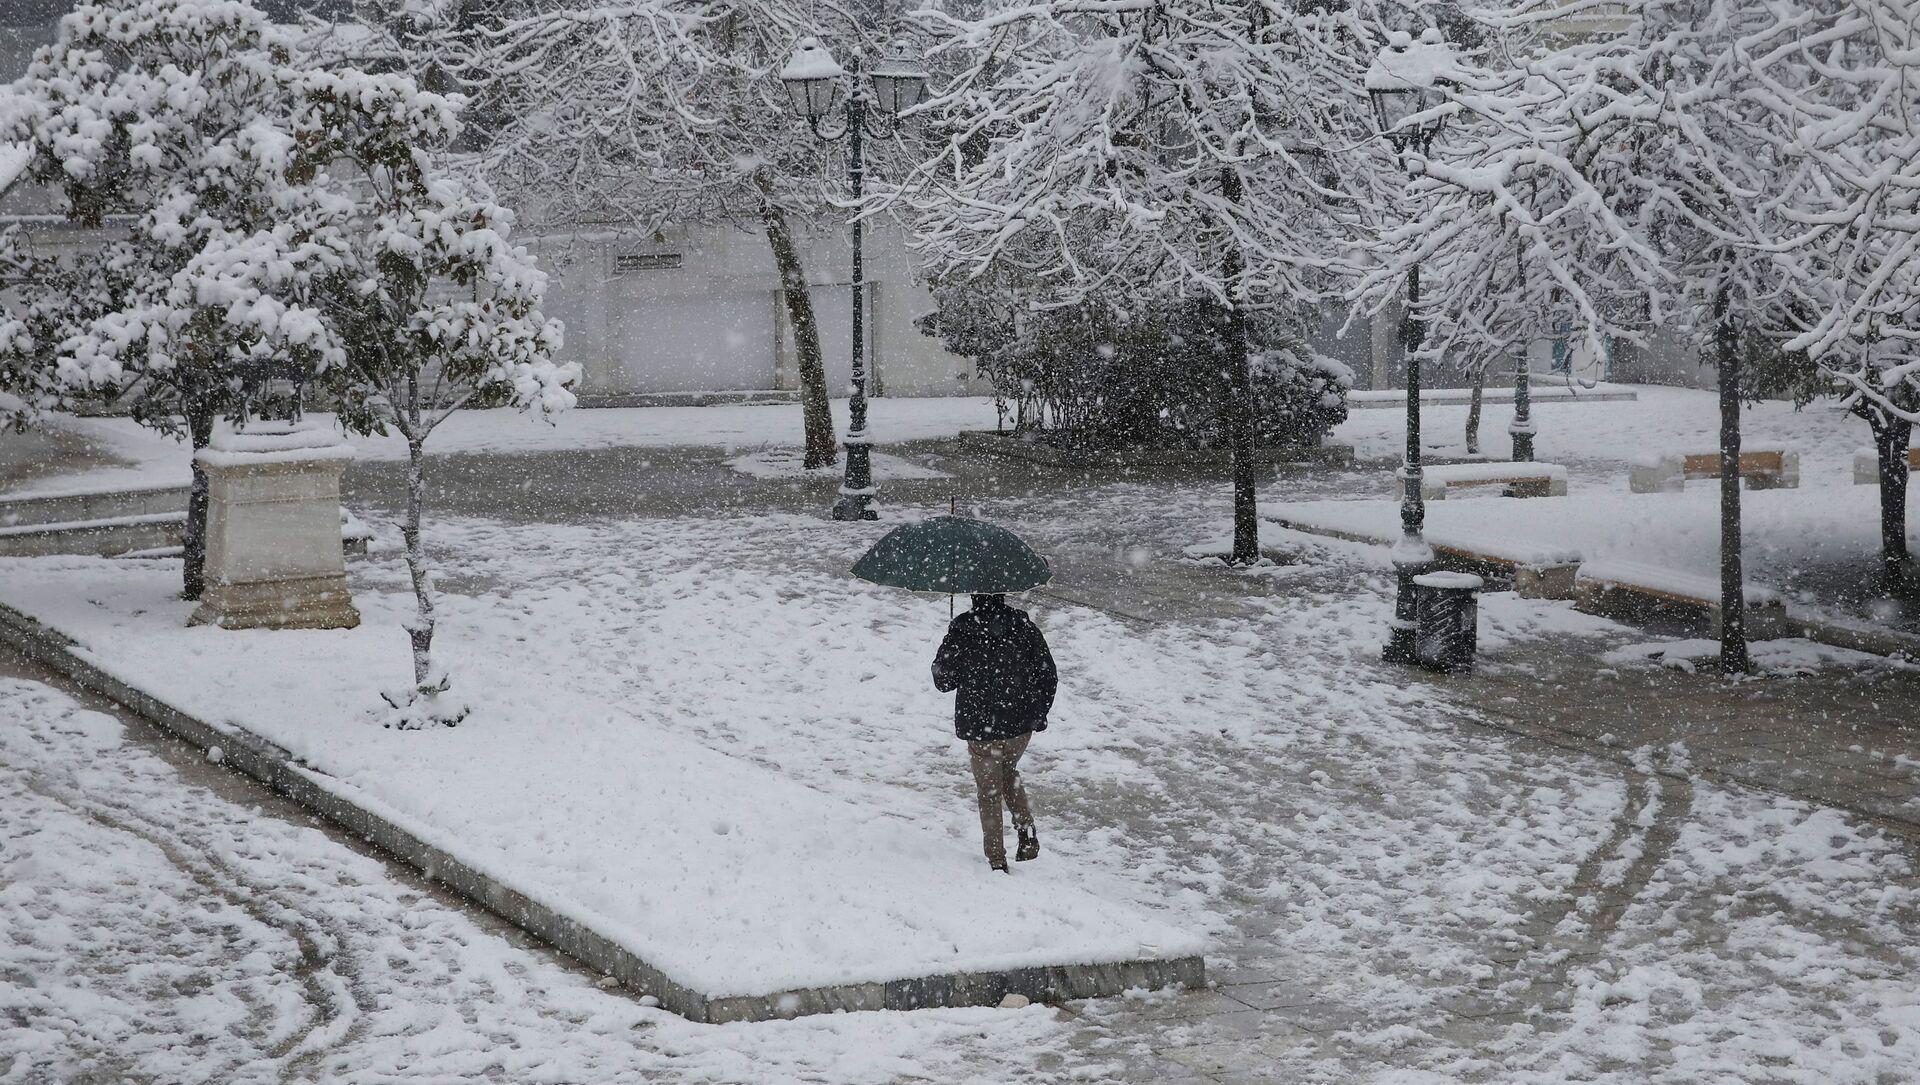 Opady śniegu w Grecji. - Sputnik Polska, 1920, 21.02.2021